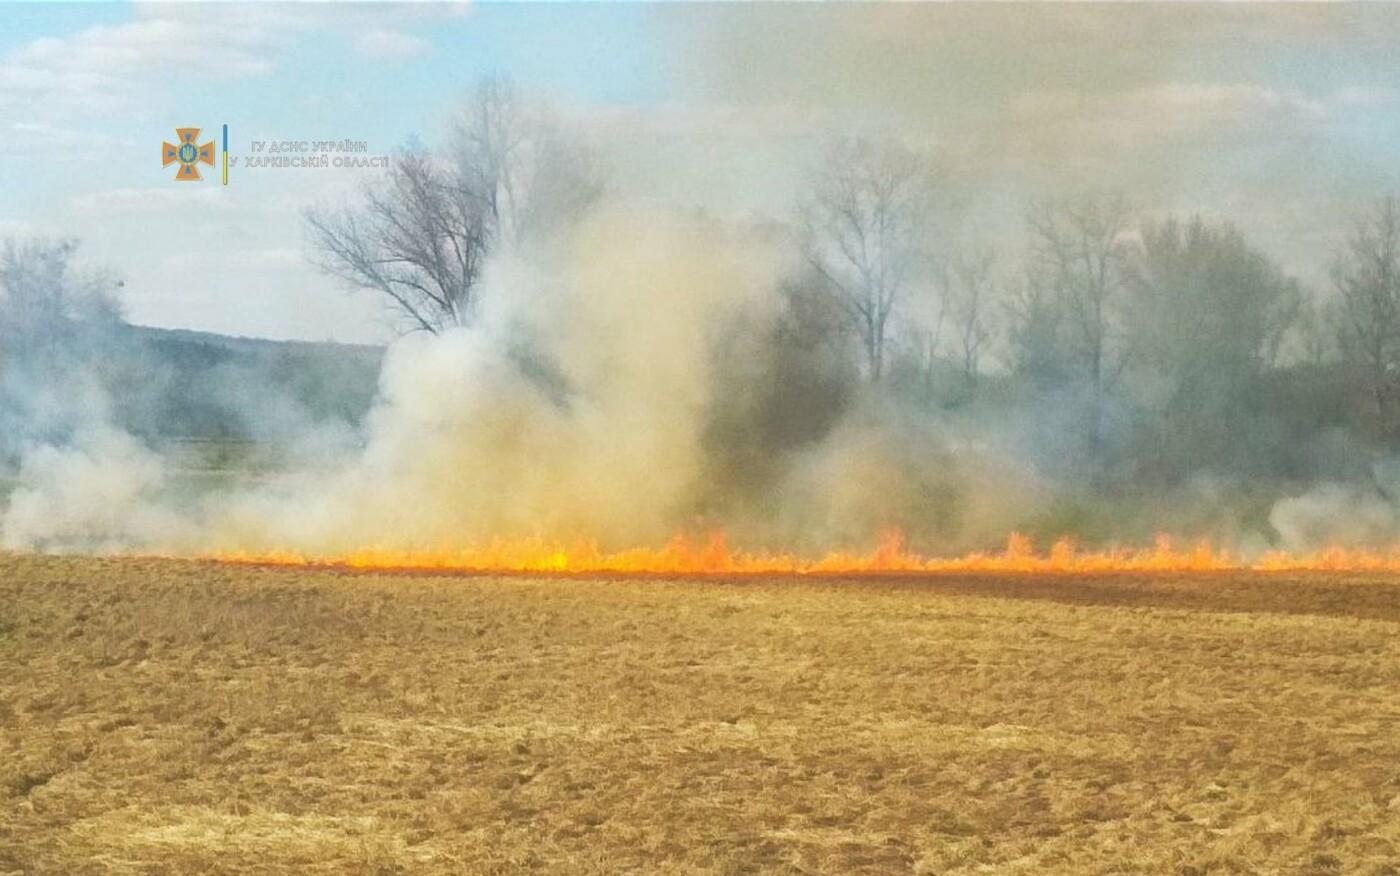 На Харьковщине за последние сутки спасатели тушили три десятка пожаров на открытых территориях, - ФОТО, фото-1